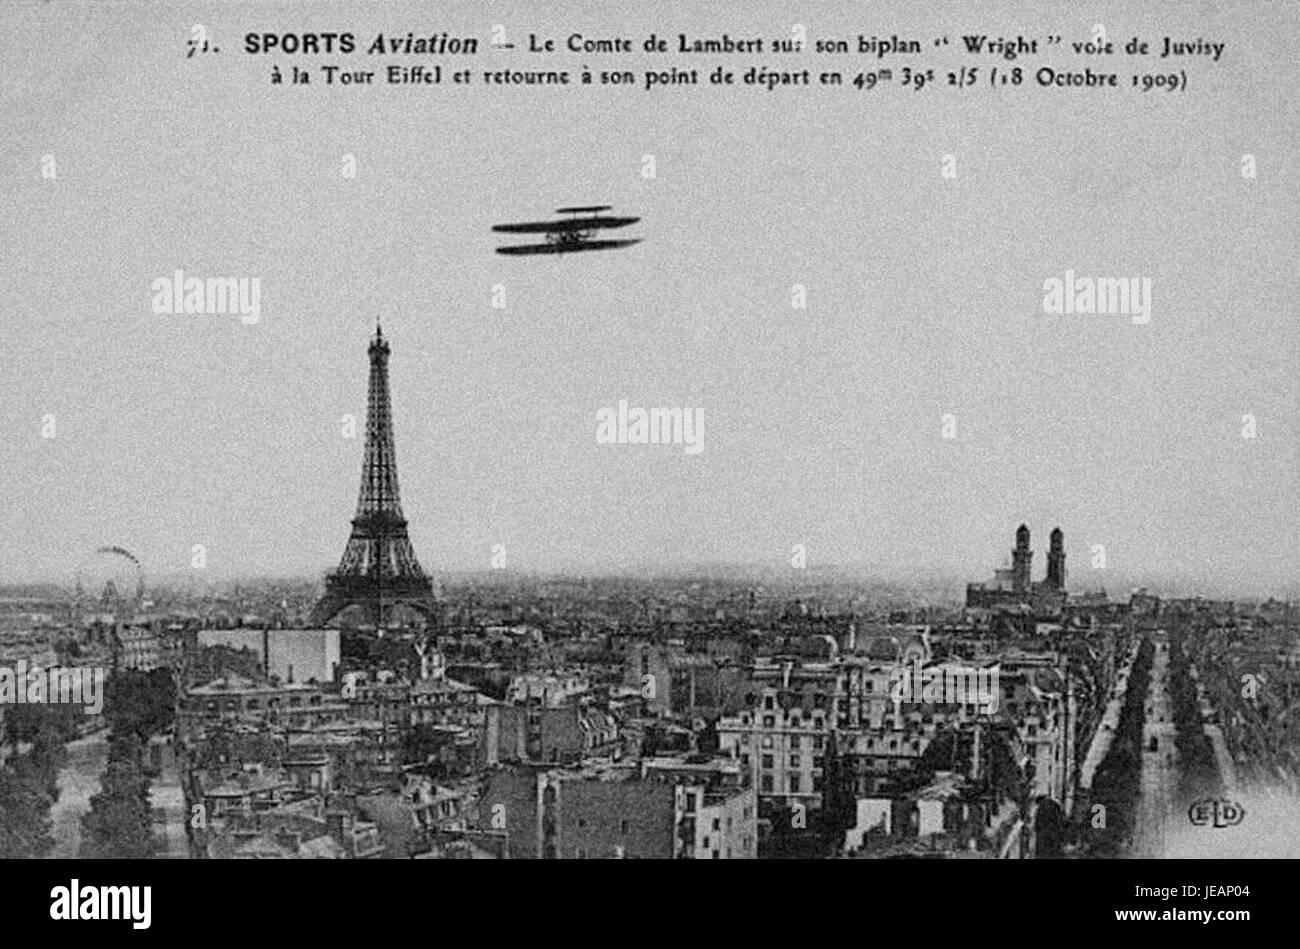 Carlos Alexandre, conde de Lambert sobrevoando a Torre Eiffel no biplano Wrigth, 18 de outubro de 1909 Stock Photo